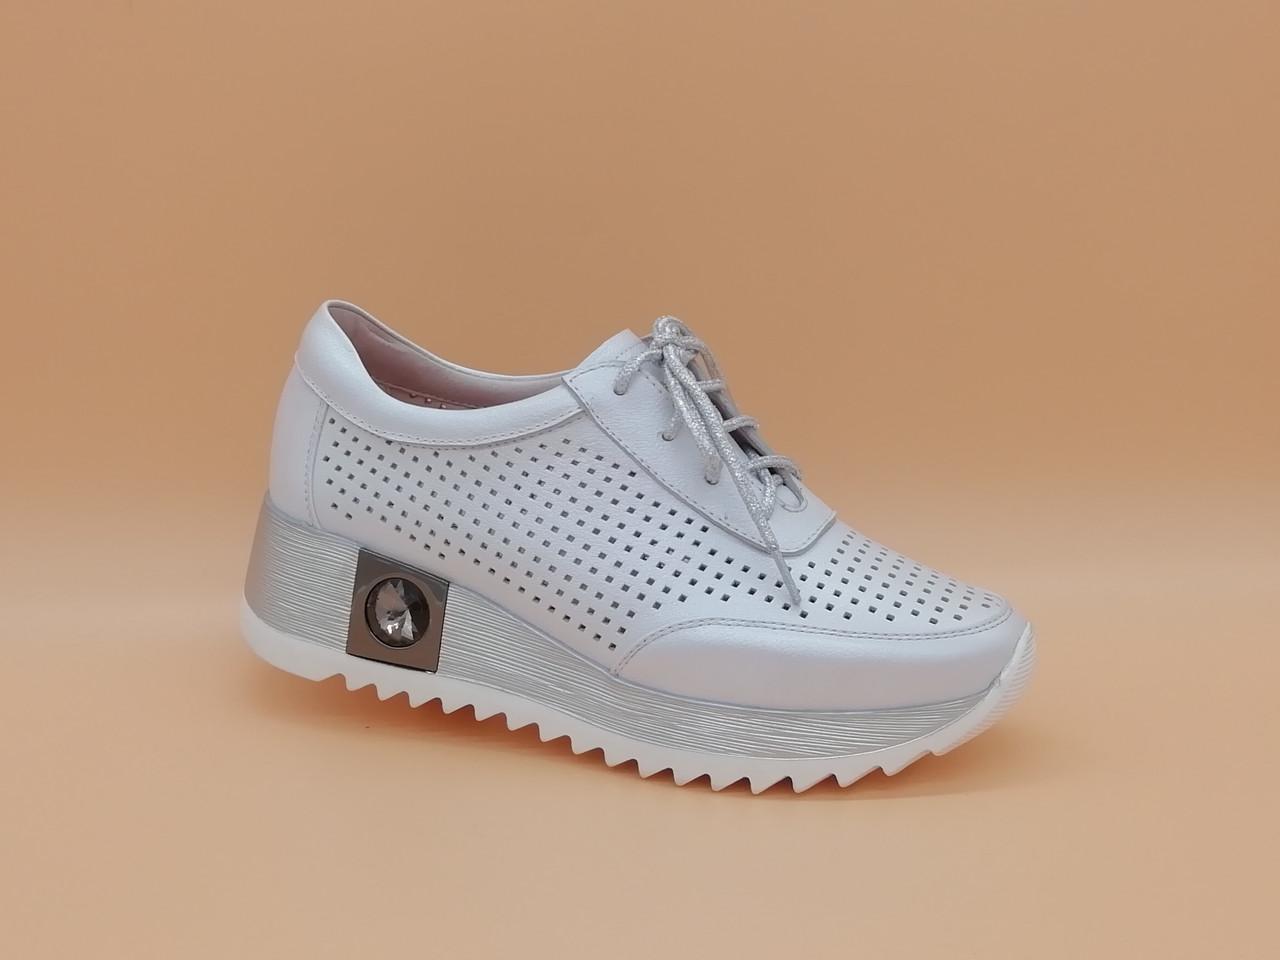 Літні кросівки шкіряні туфлі на танкетці. Снікерси. Erisses. Маленькі розміри ( 33 - 35 ).